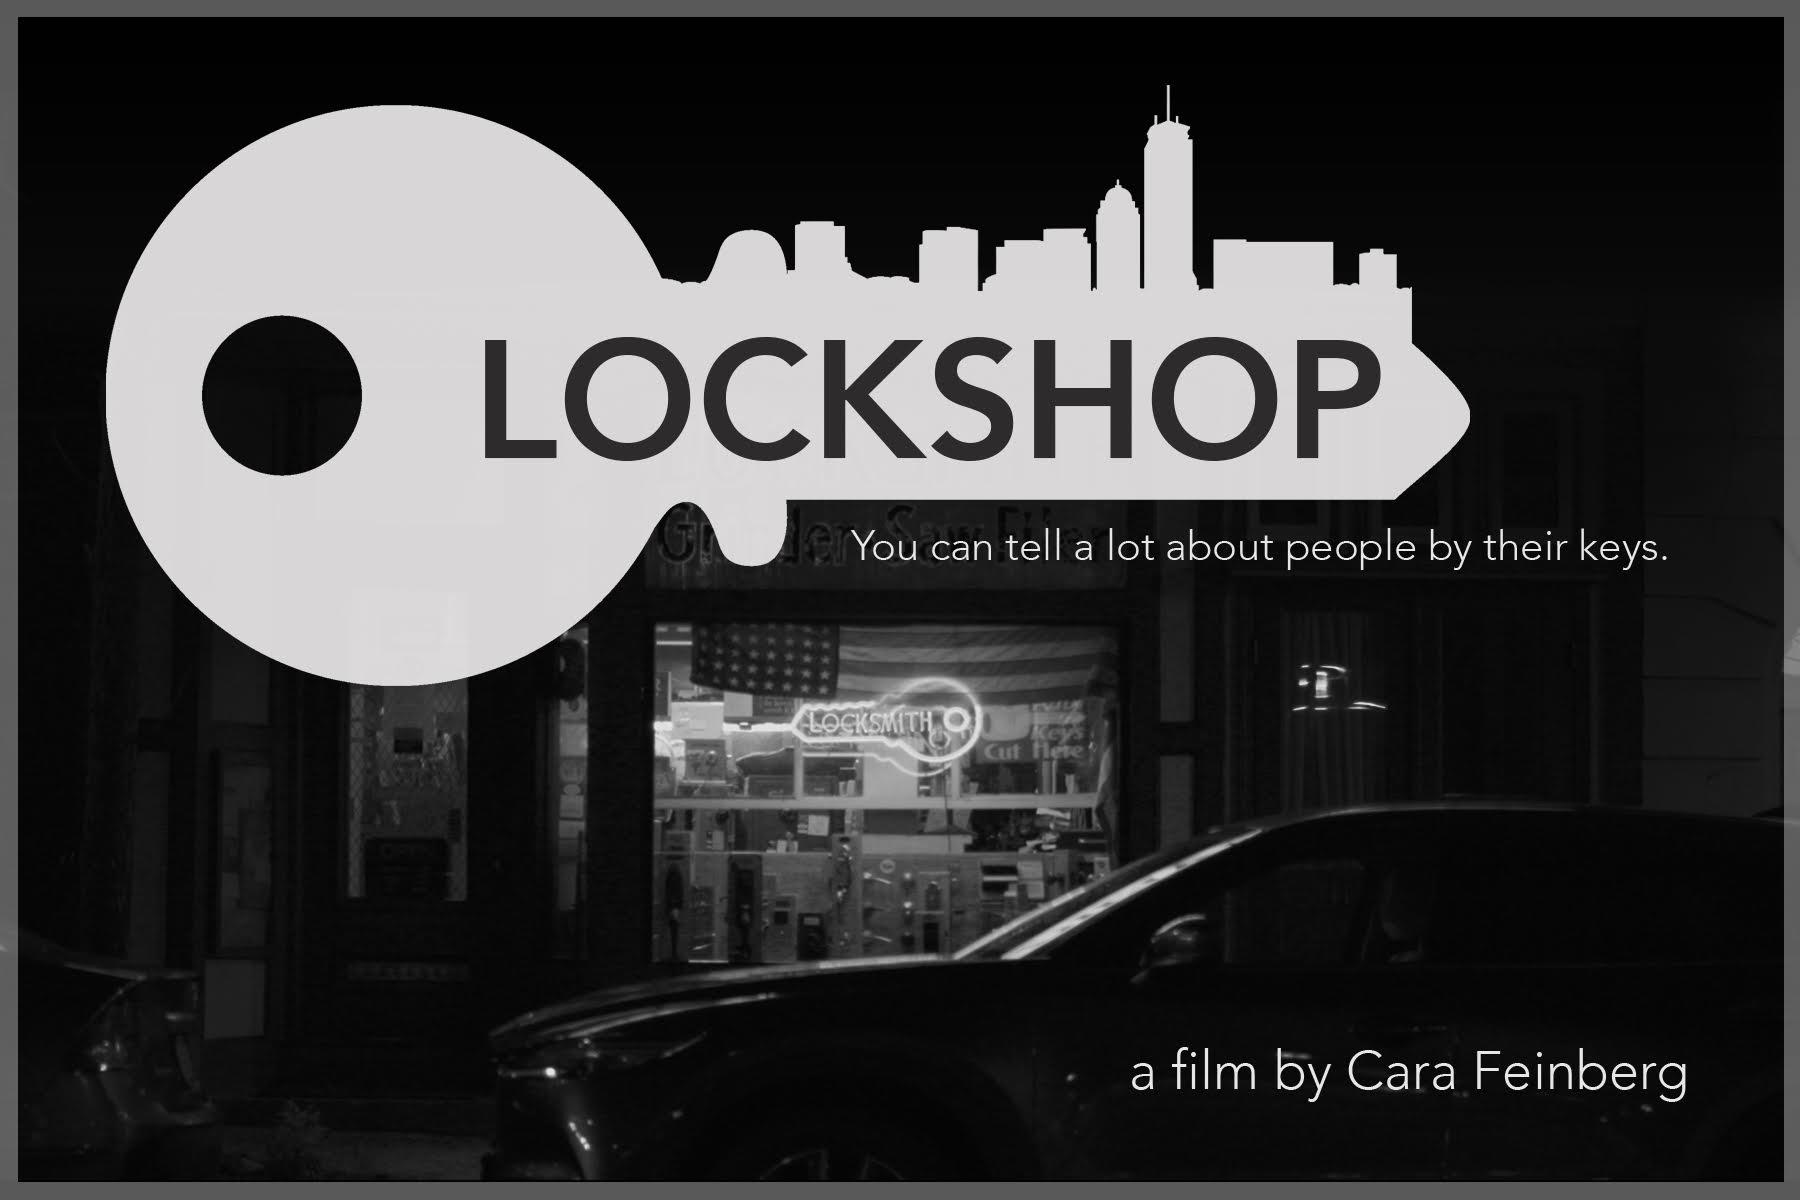 Lockshop